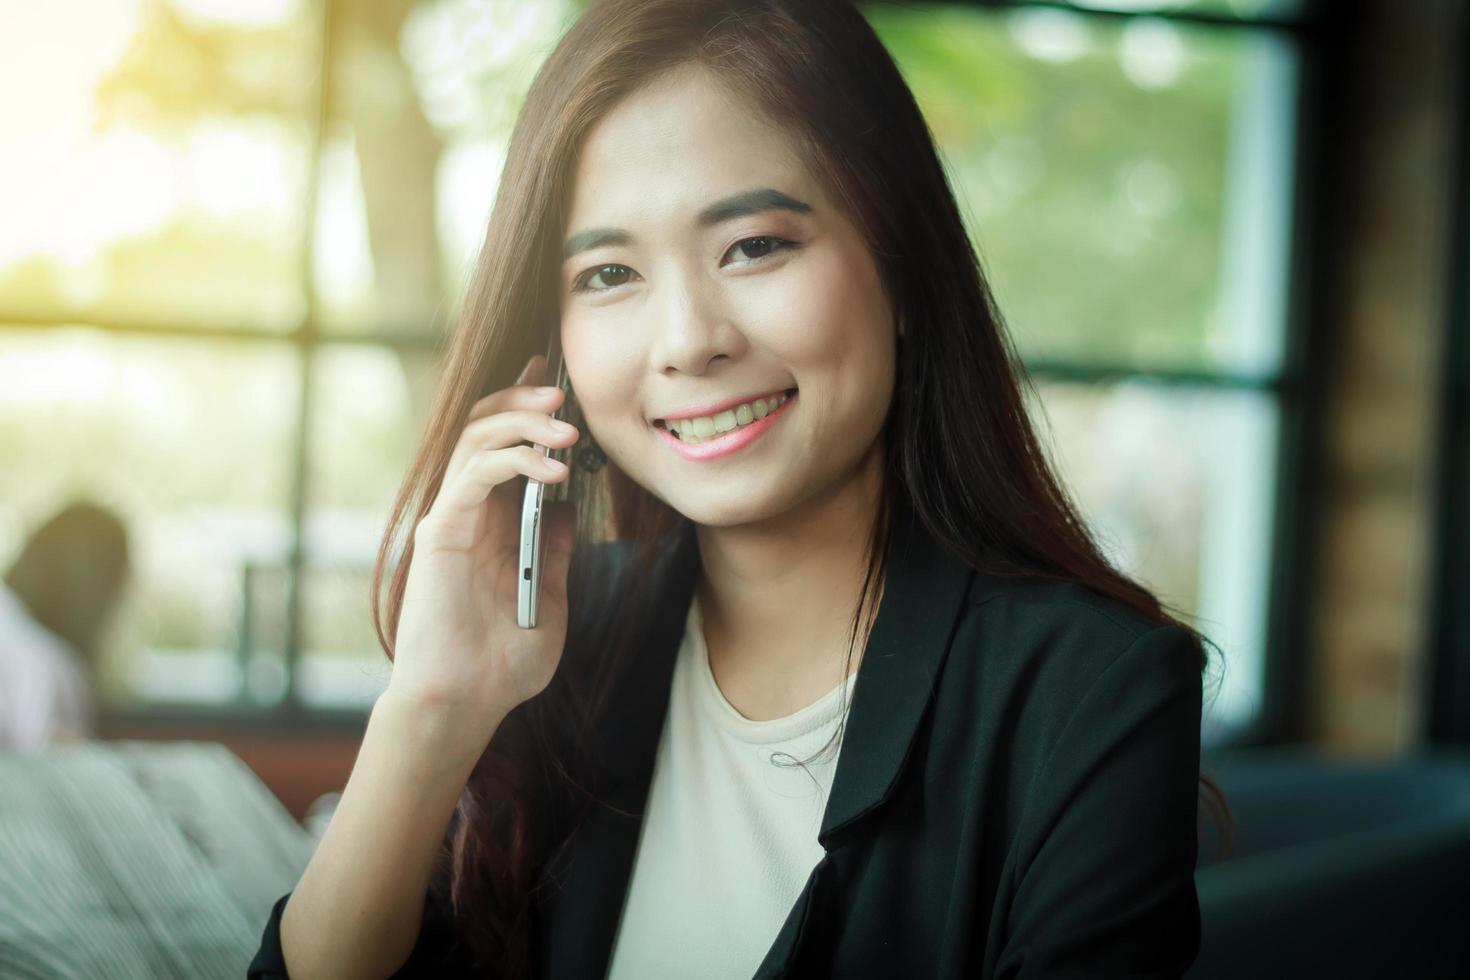 donna d'affari utilizzando il telefono cellulare intelligente foto